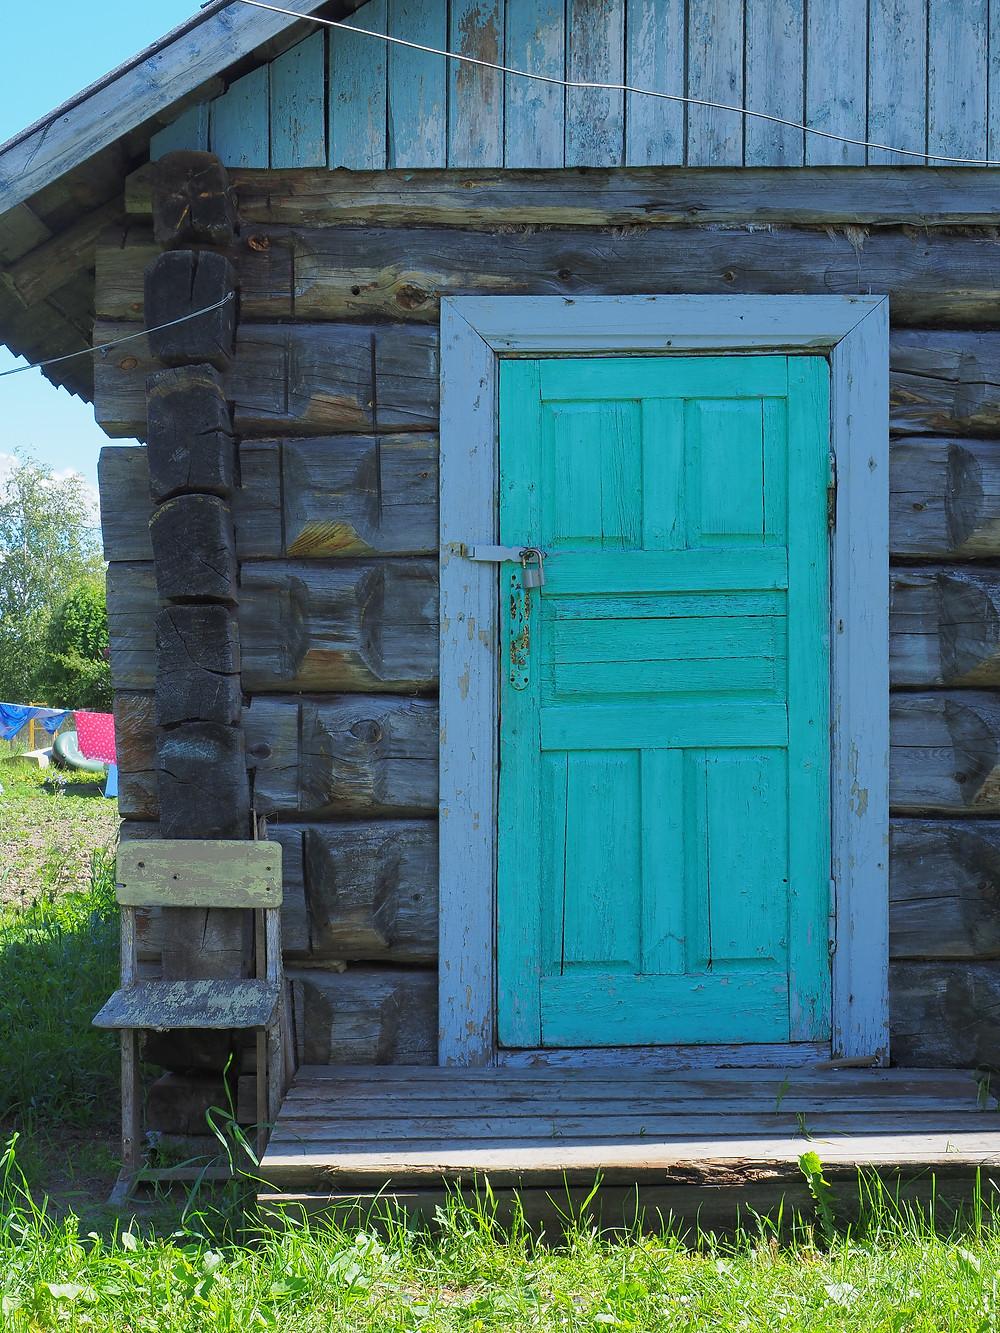 Vienalainen kyly löytyy tämän oven takaa.